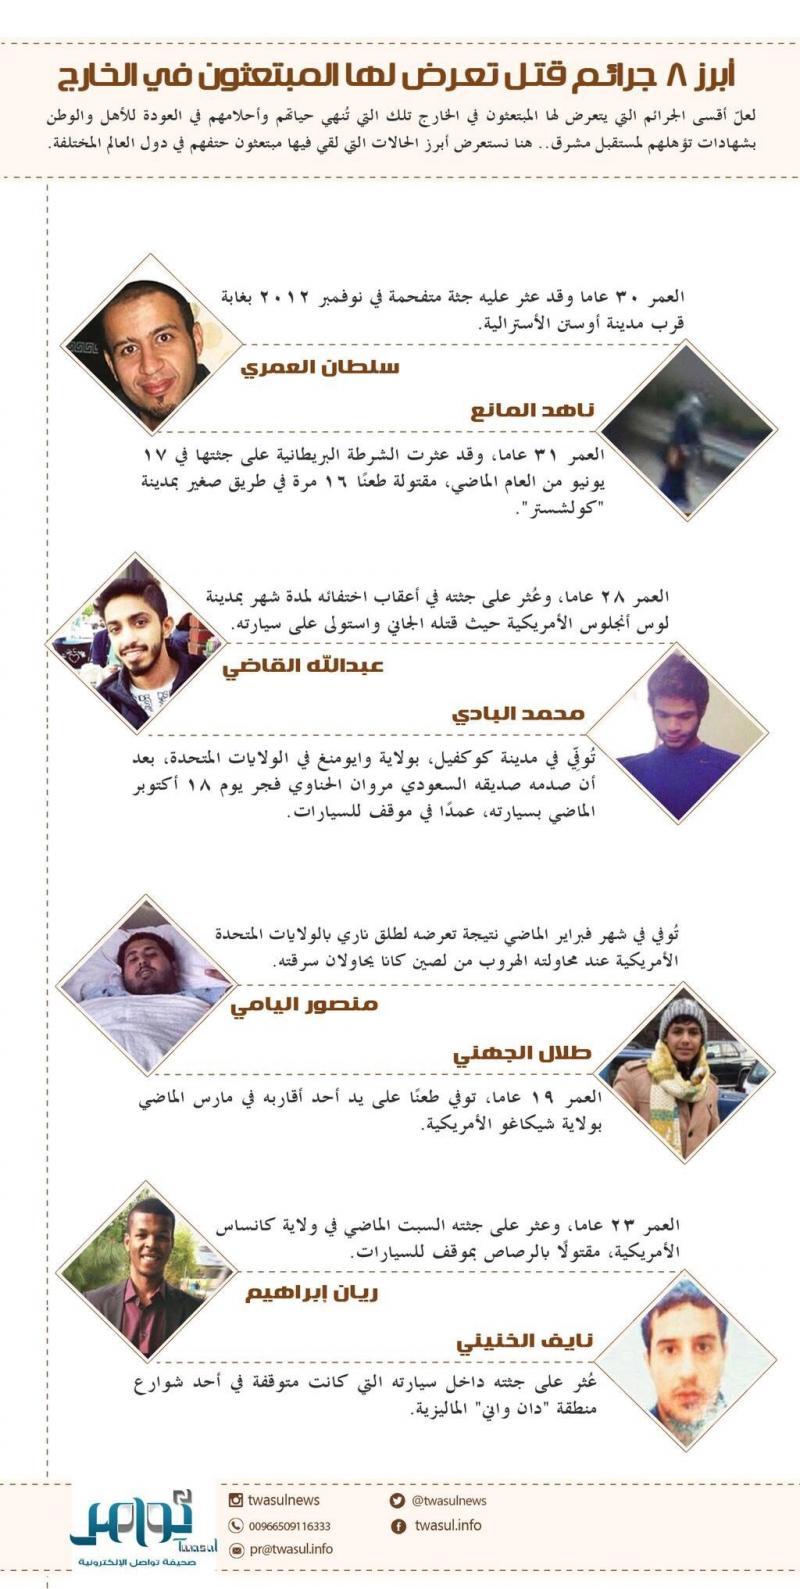 أبرز جرائم قتل تعرض لها المبتعثون في الخارج #انفوجرافيك #السعودية